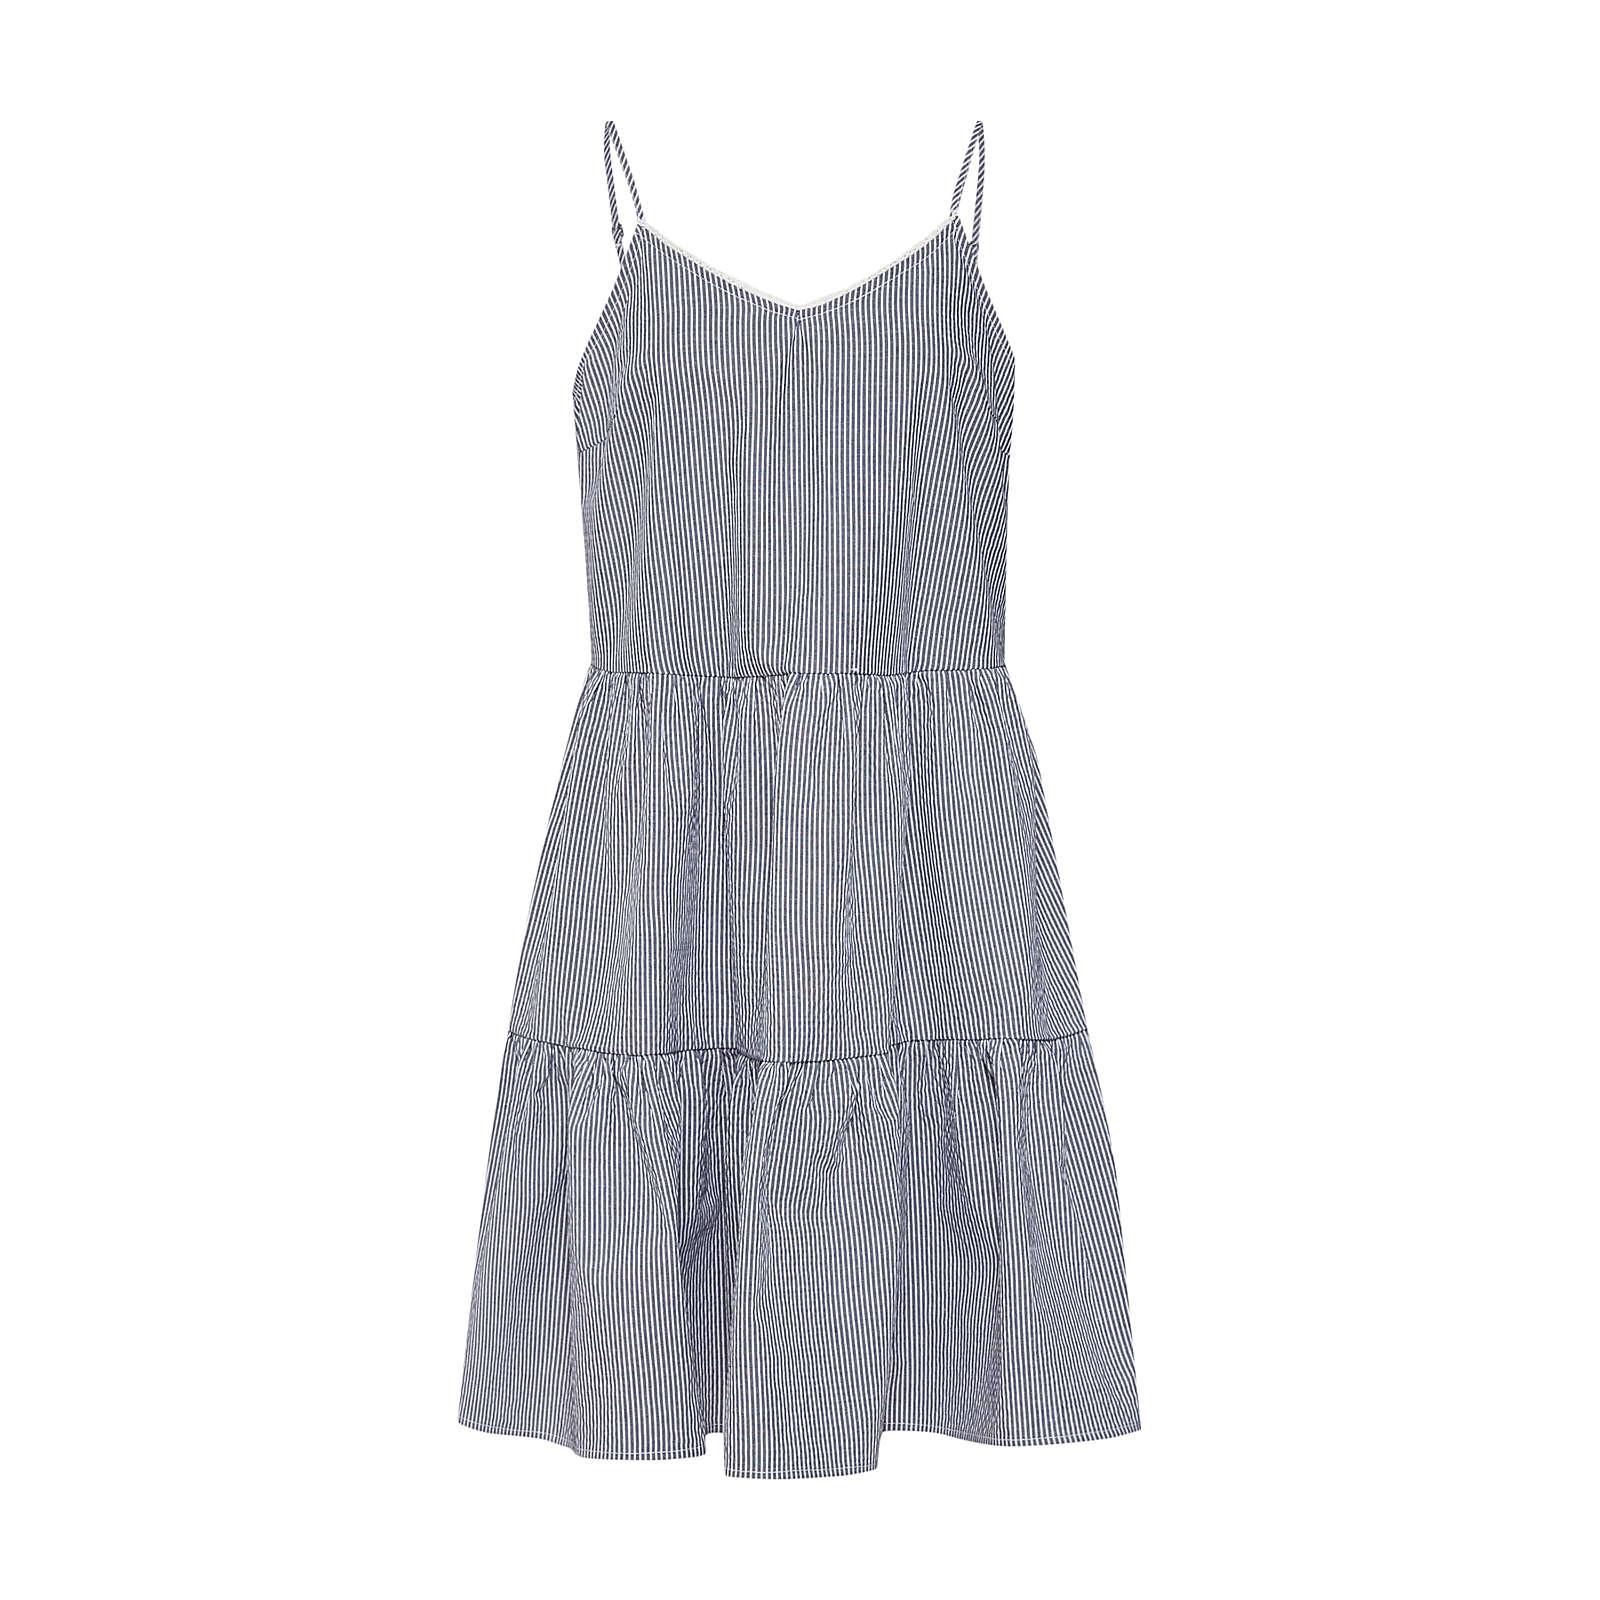 VERO MODA Sommerkleid VMJANE ABK SINGLET DRESS Sommerkleider weiß Damen Gr. 34